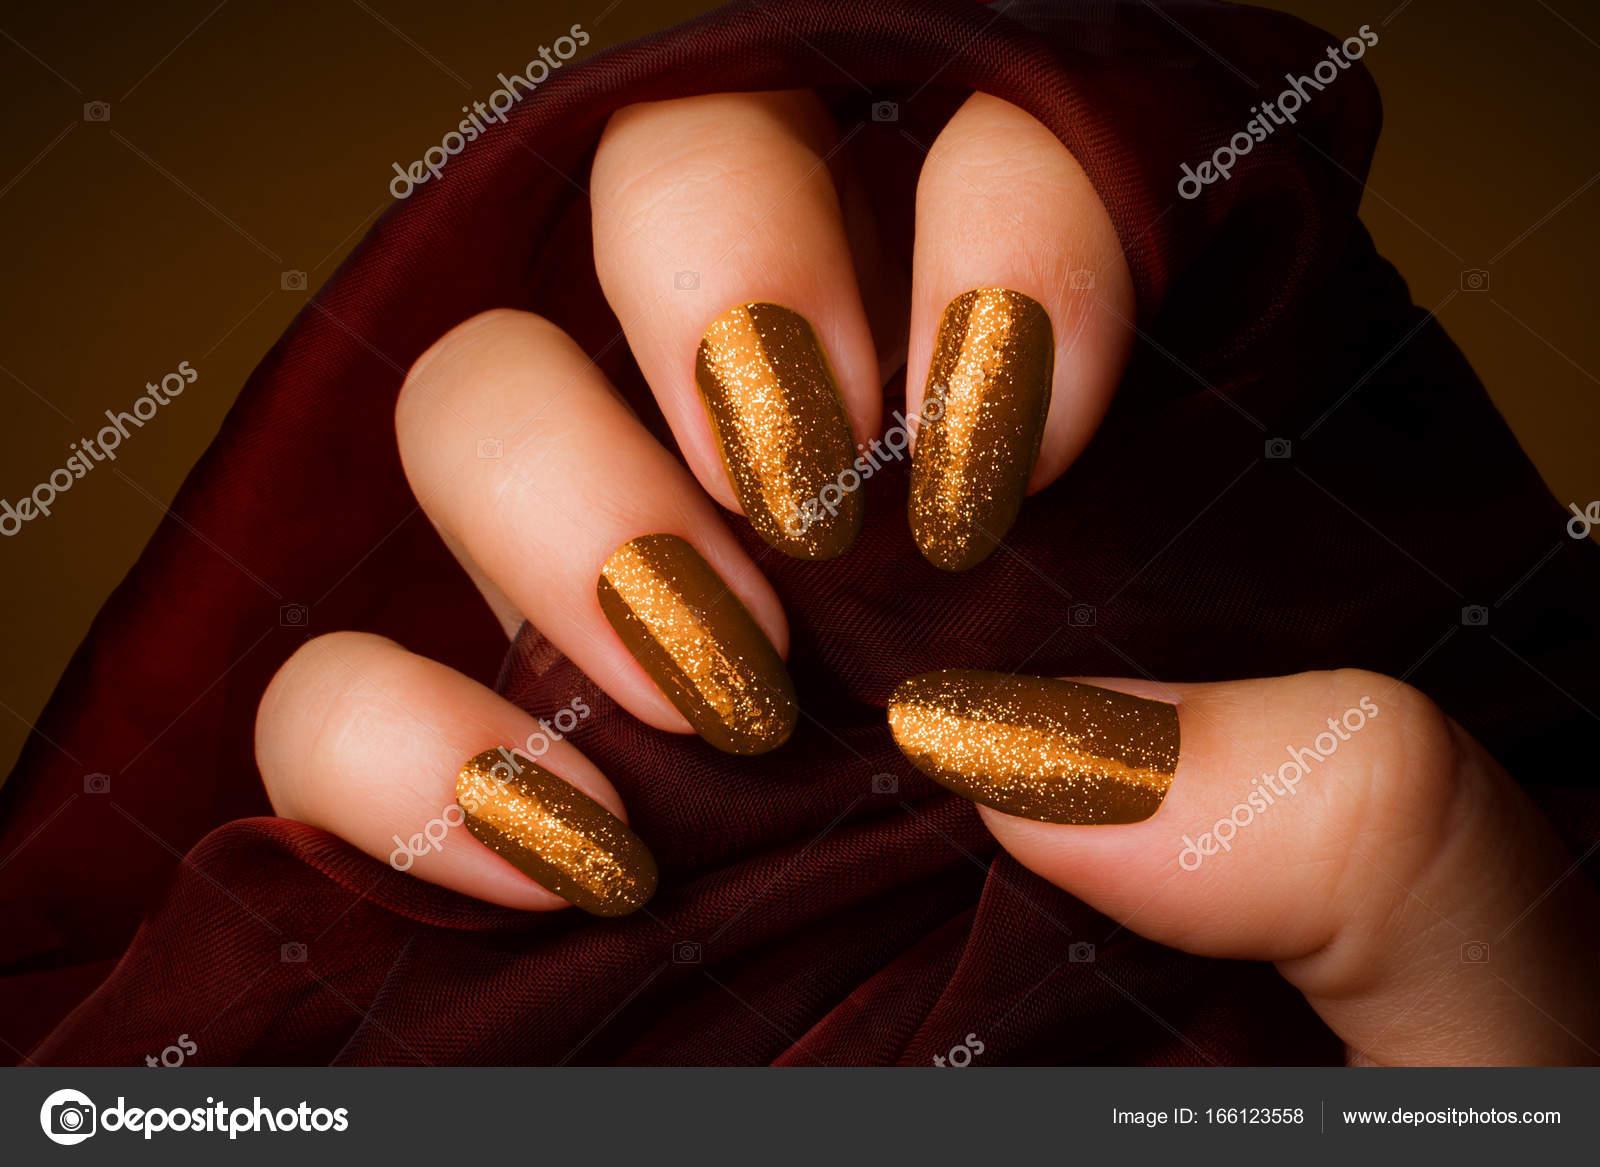 glänzende goldene Nägel Maniküre — Stockfoto © gyurma #166123558